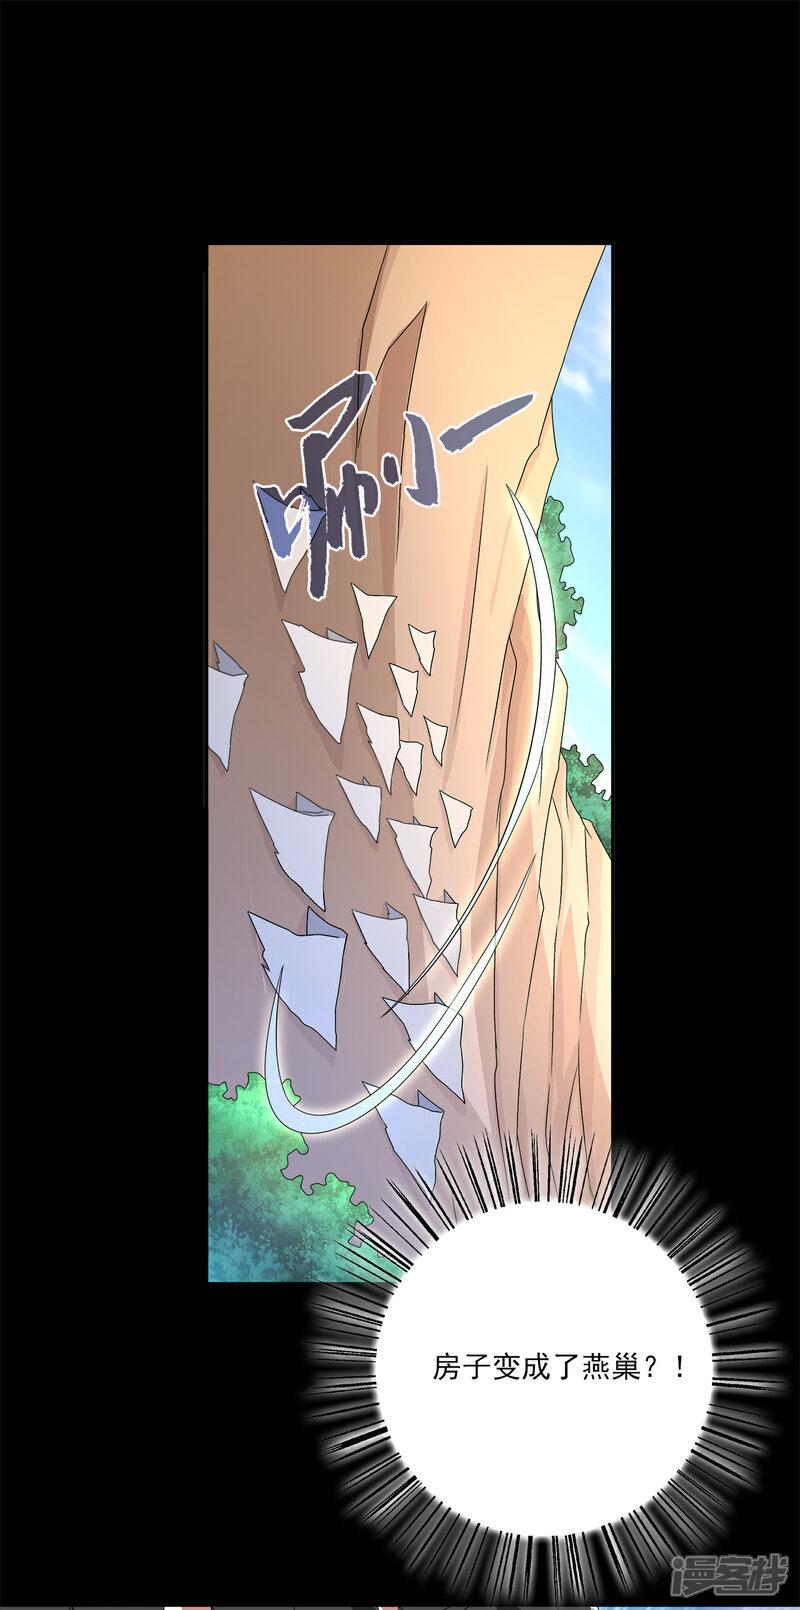 洛小妖205 (2).jpg